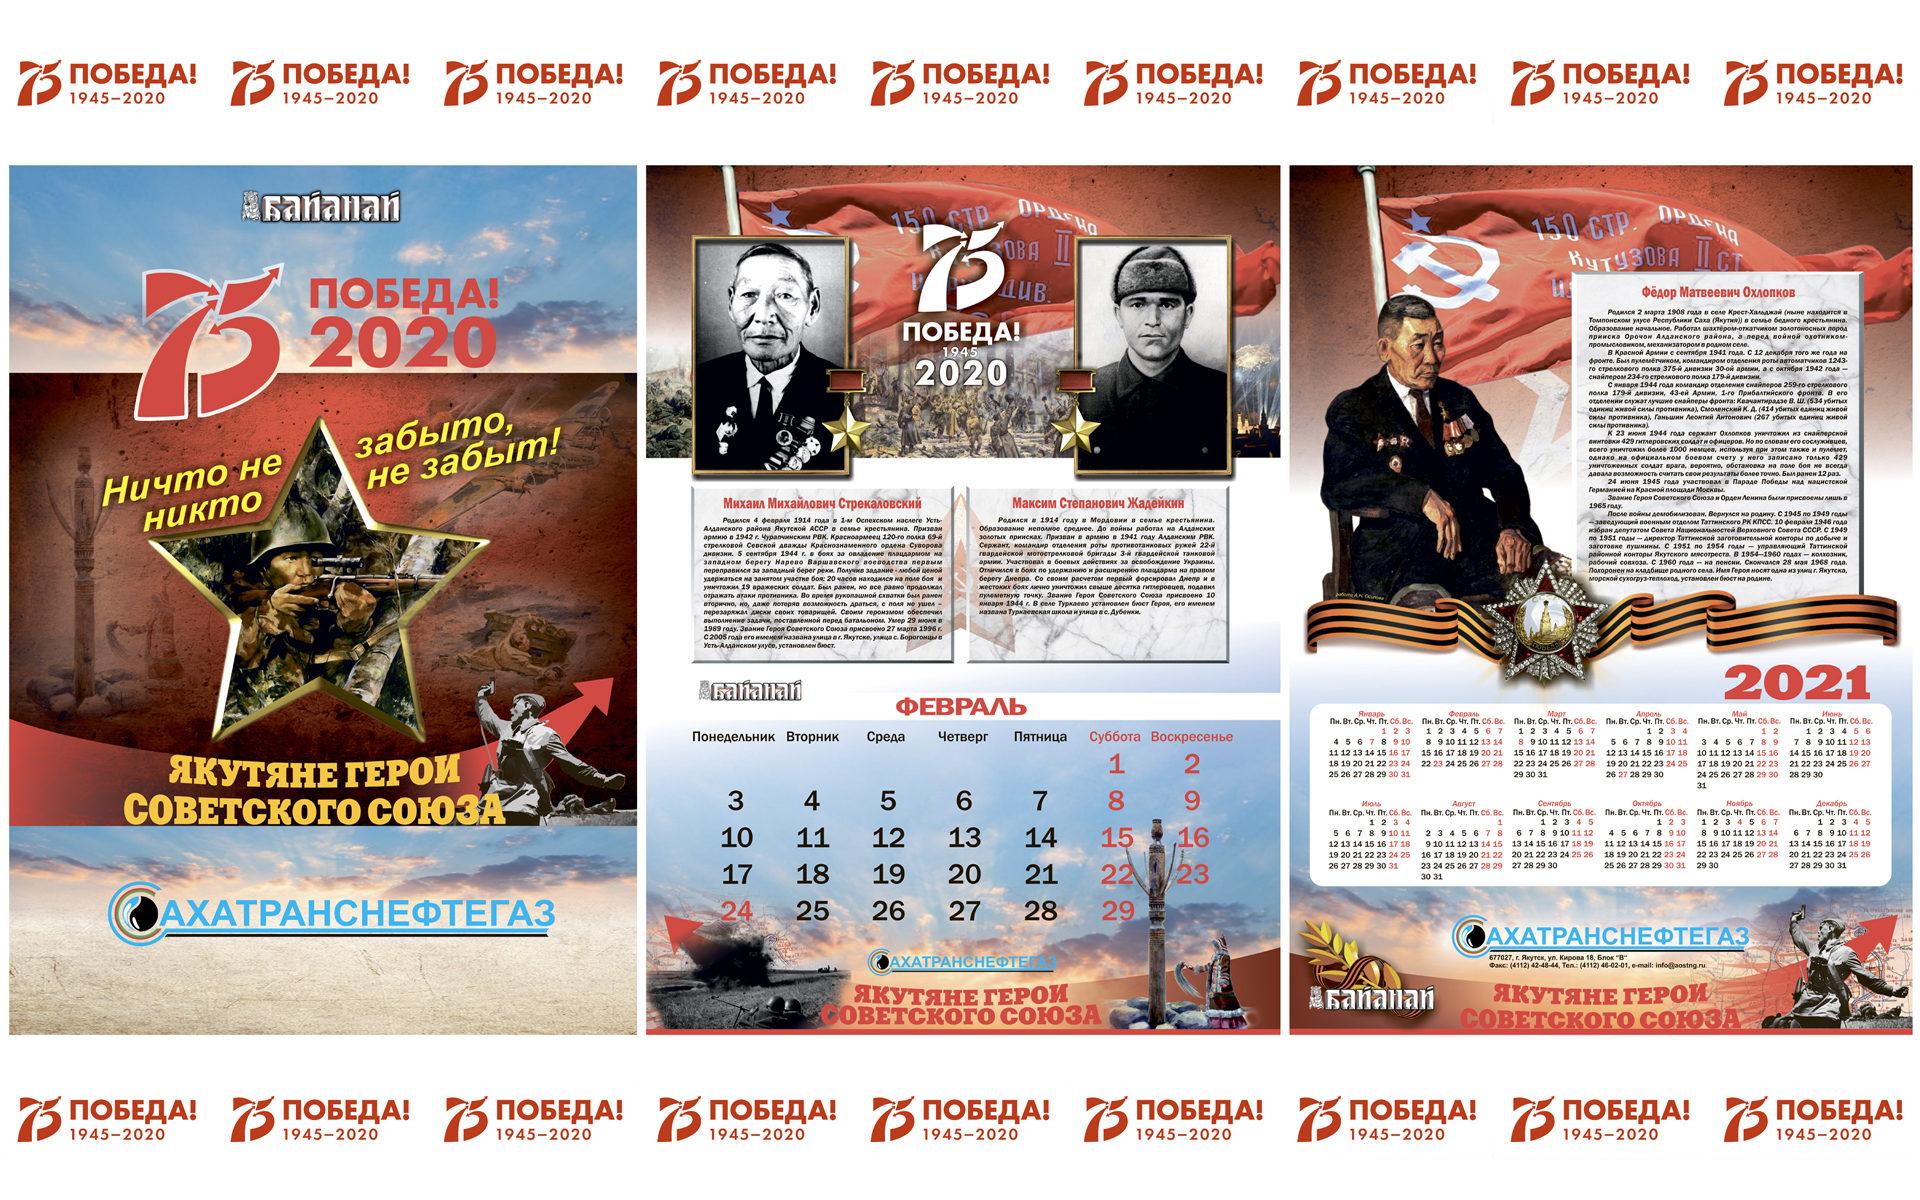 Календарь «Сахатранснефтегаза» о Героях-якутянах Советского Союза вызвал большой интерес